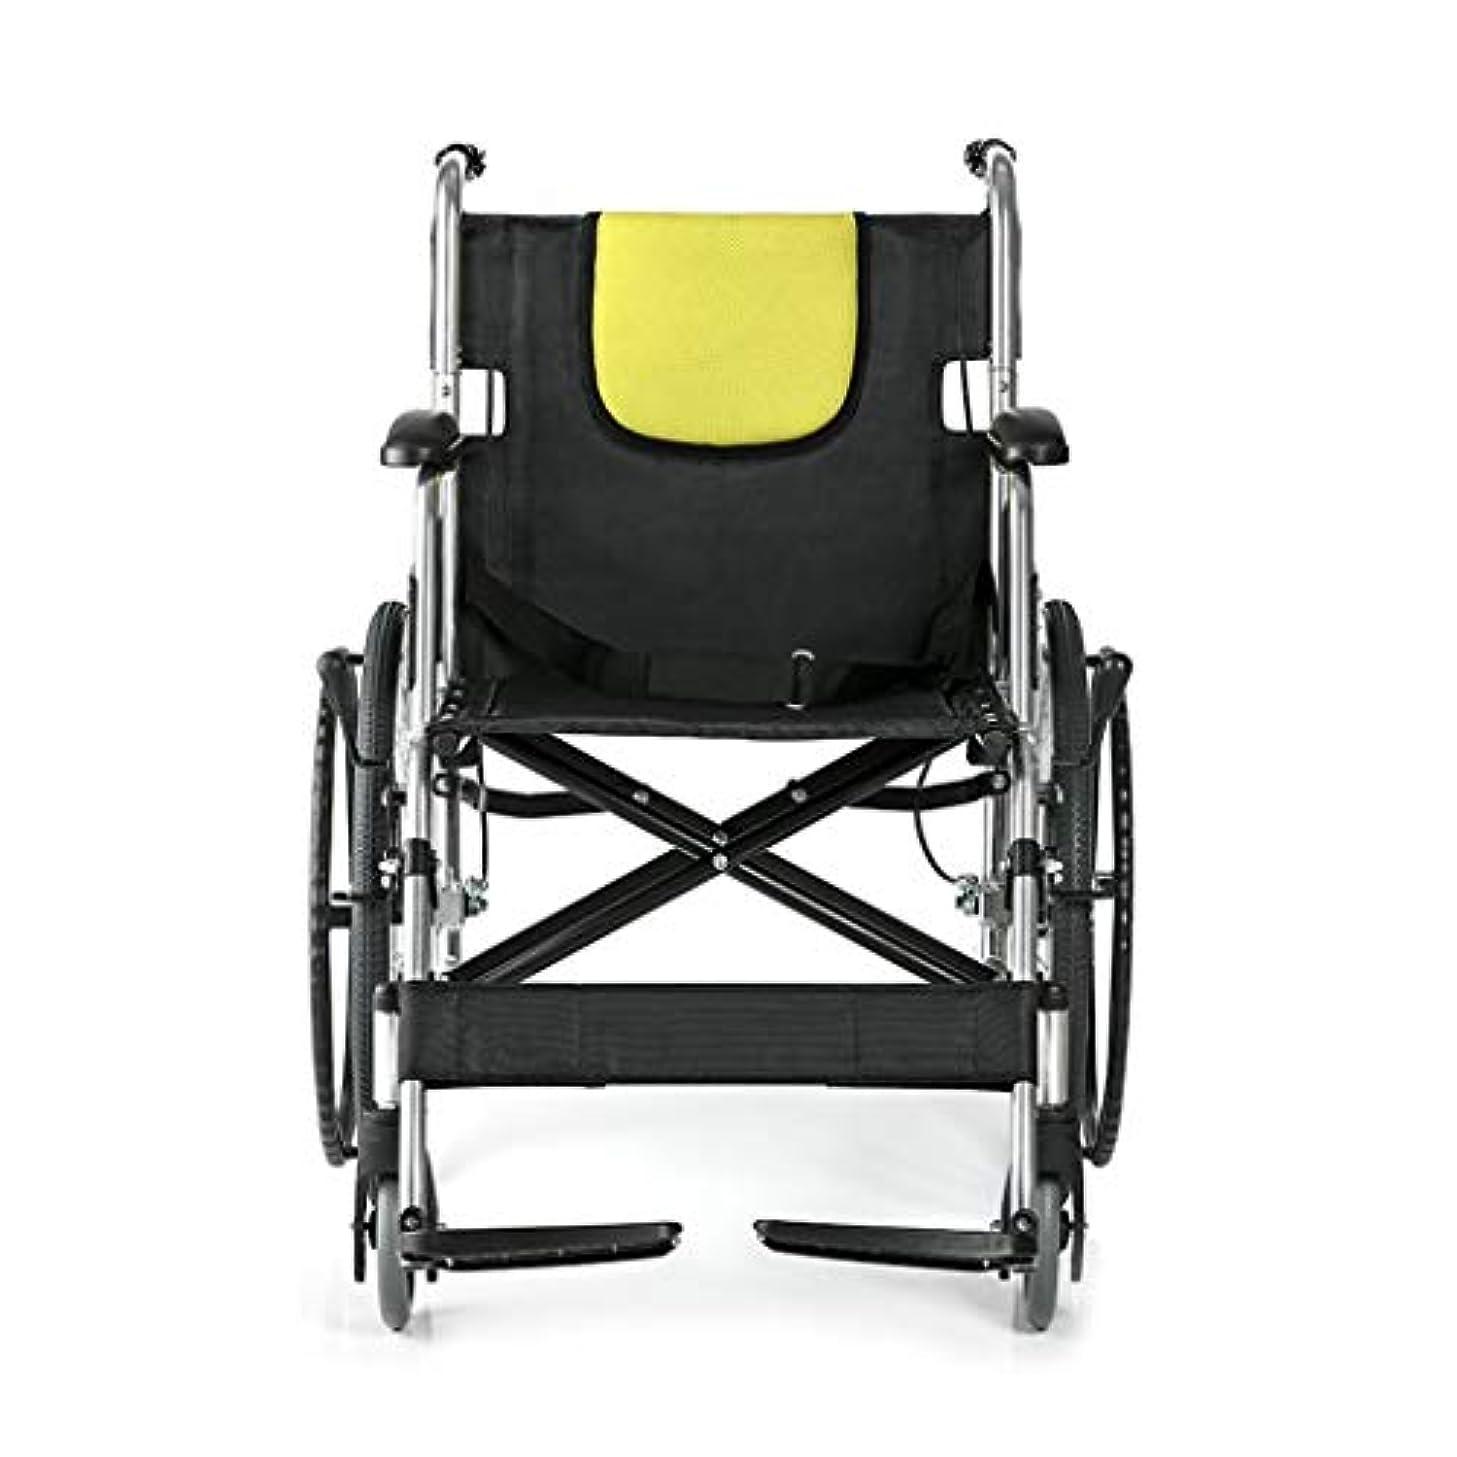 あなたは注目すべき主車椅子の老人は折り畳むことができ、障害者、高齢者、リハビリテーション患者向けの車椅子用に4つのブレーキが設計されています